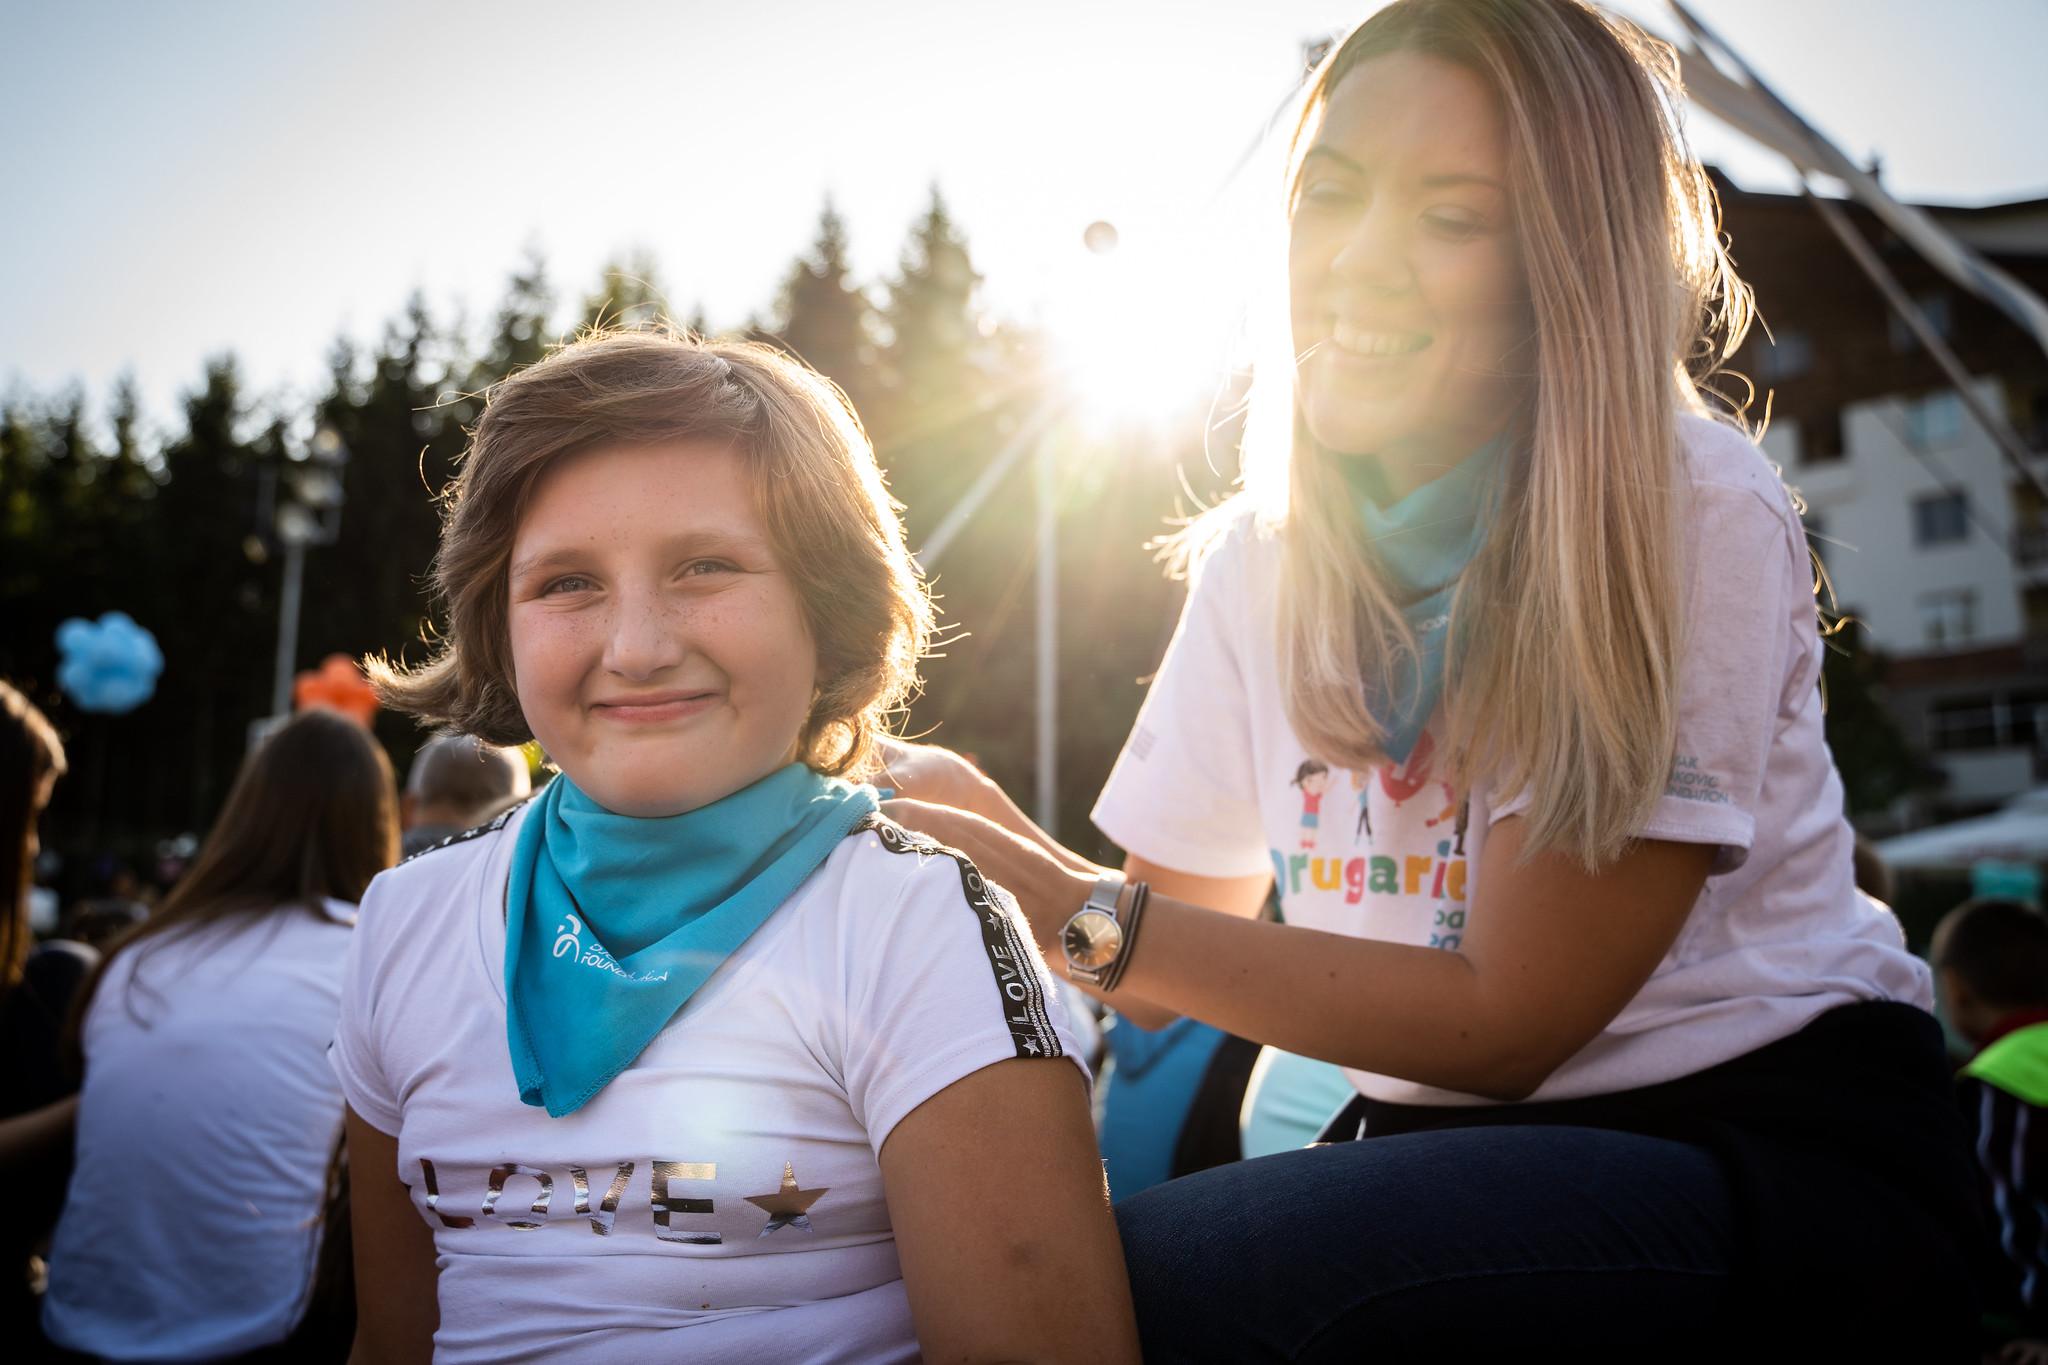 Naši volonteri igraju važnu ulogu u organizaciji Drugarijade. Oni su ti koji nam pomažu da zabavimo decu, da ih pazimo i naučimo nešto novo.